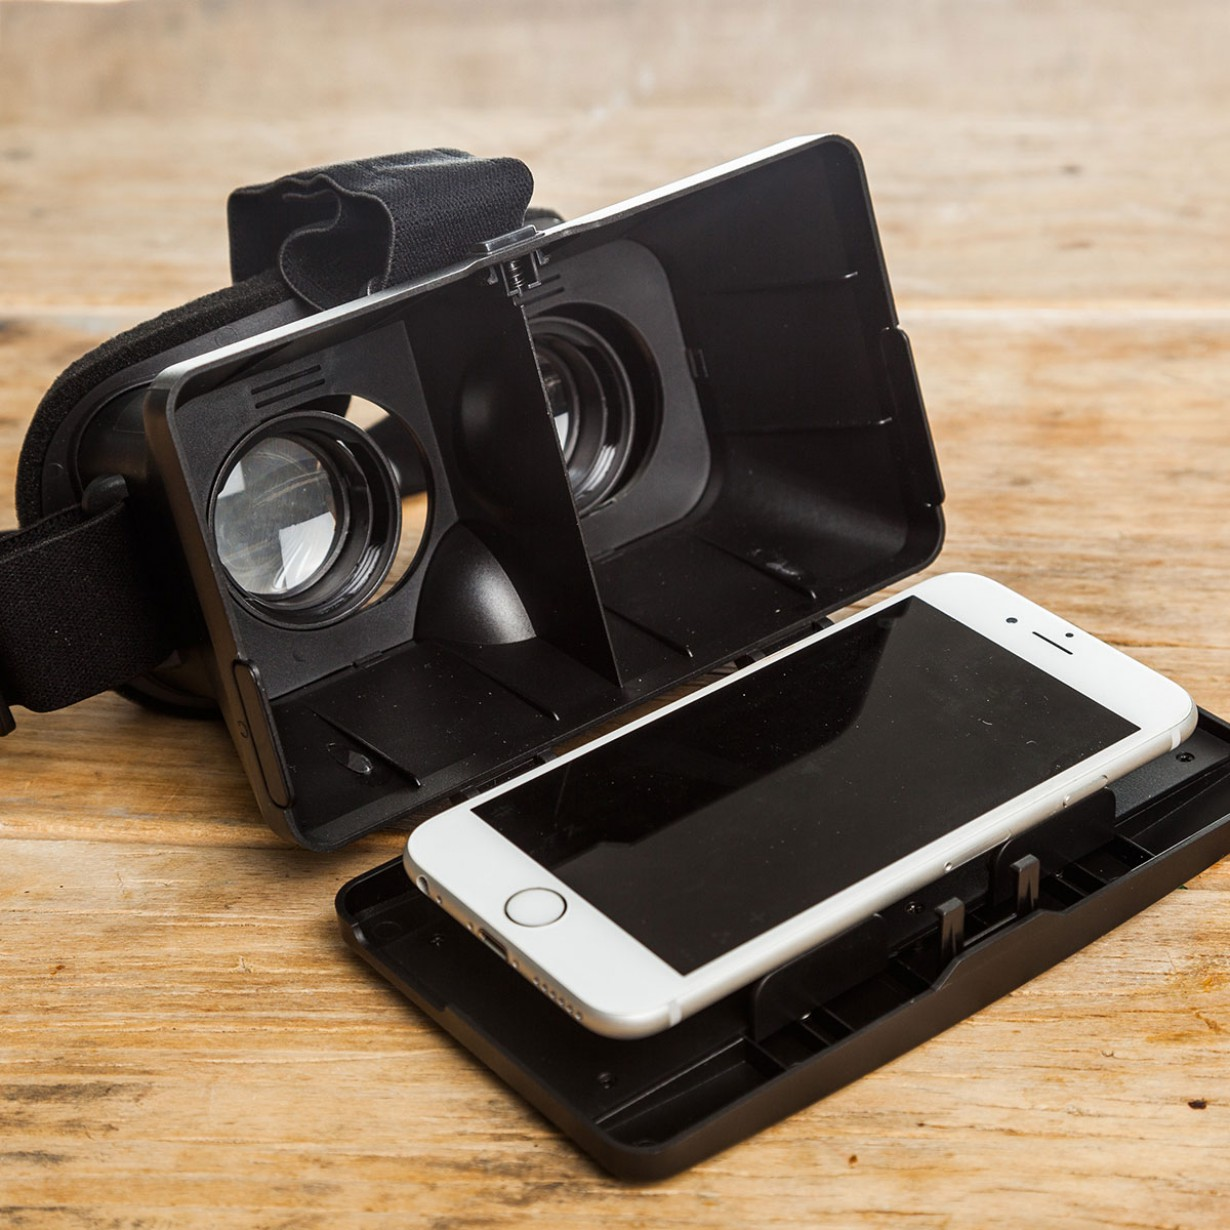 visore realta virtuale per smartphone aperto